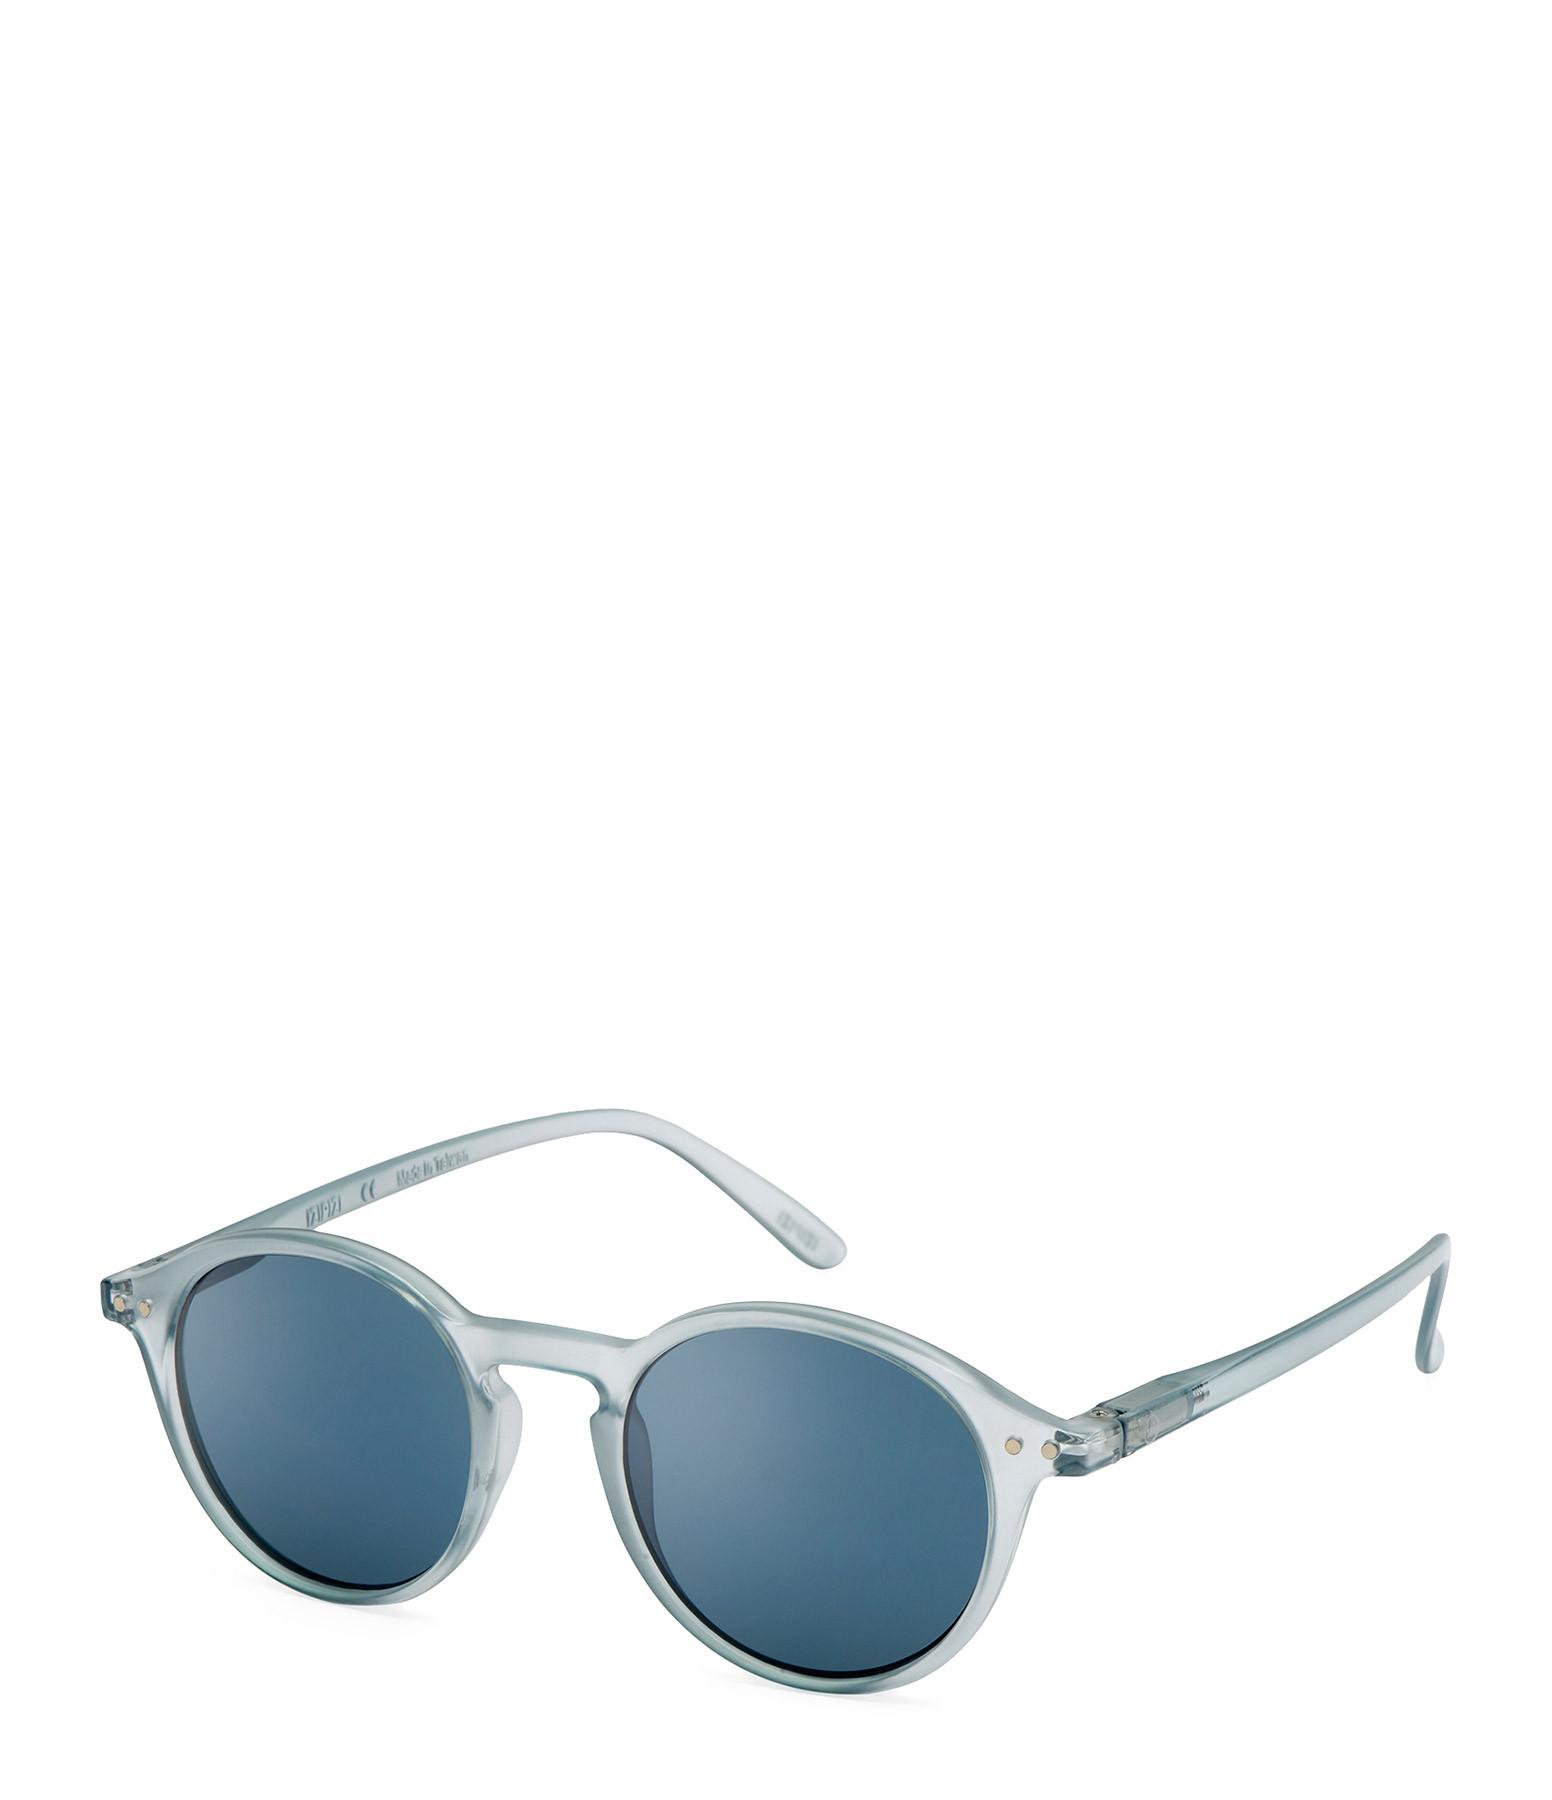 IZI PIZI - Lunettes de Soleil #D L'Iconique Frosted Blue